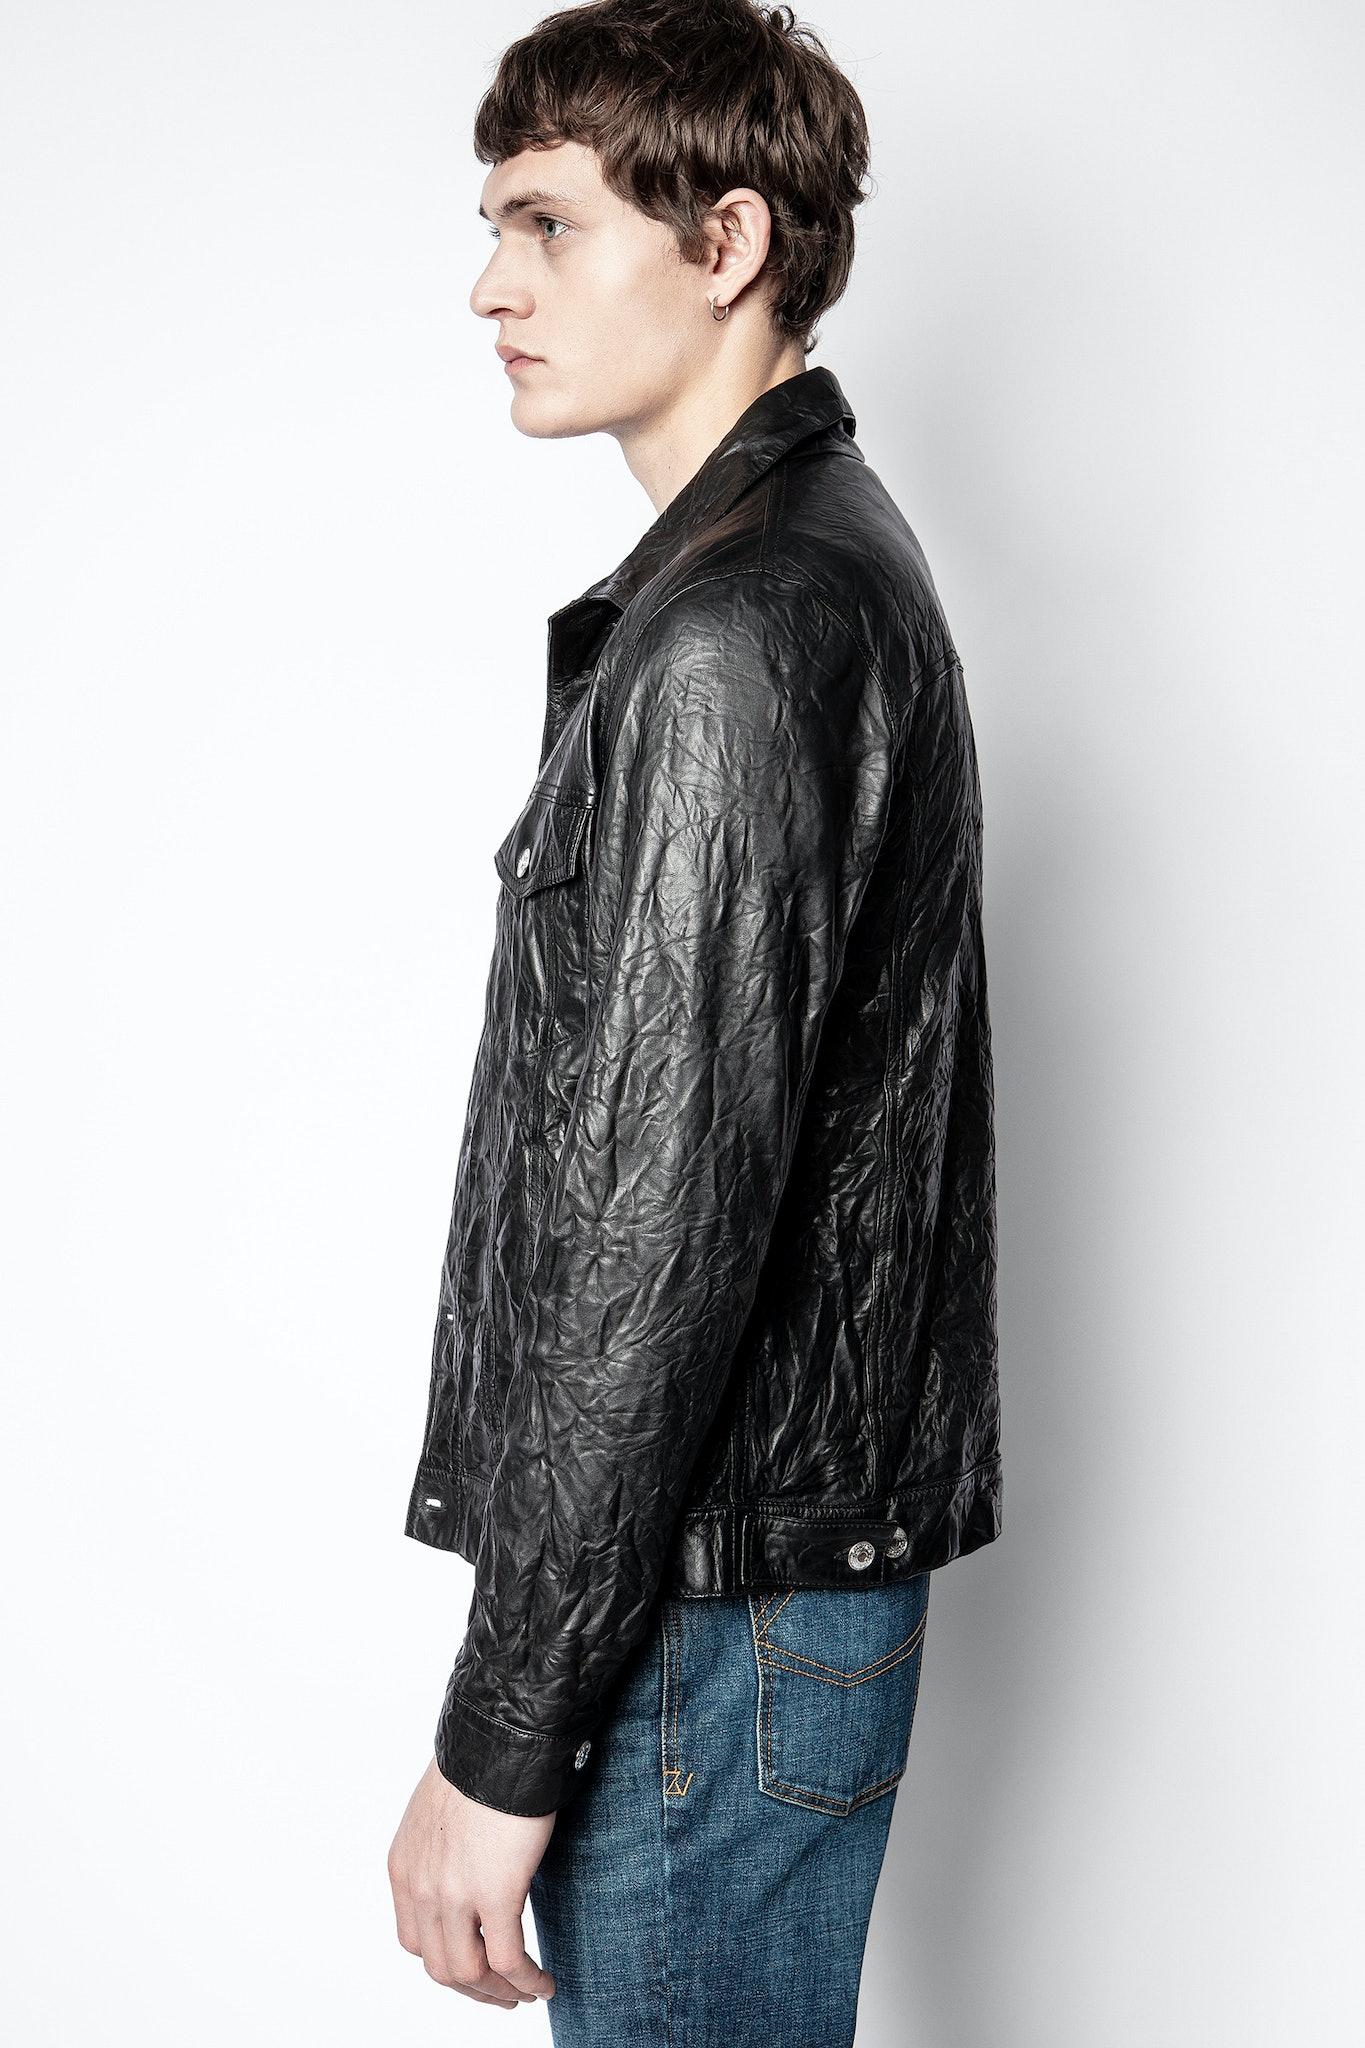 Creased leather base jacket